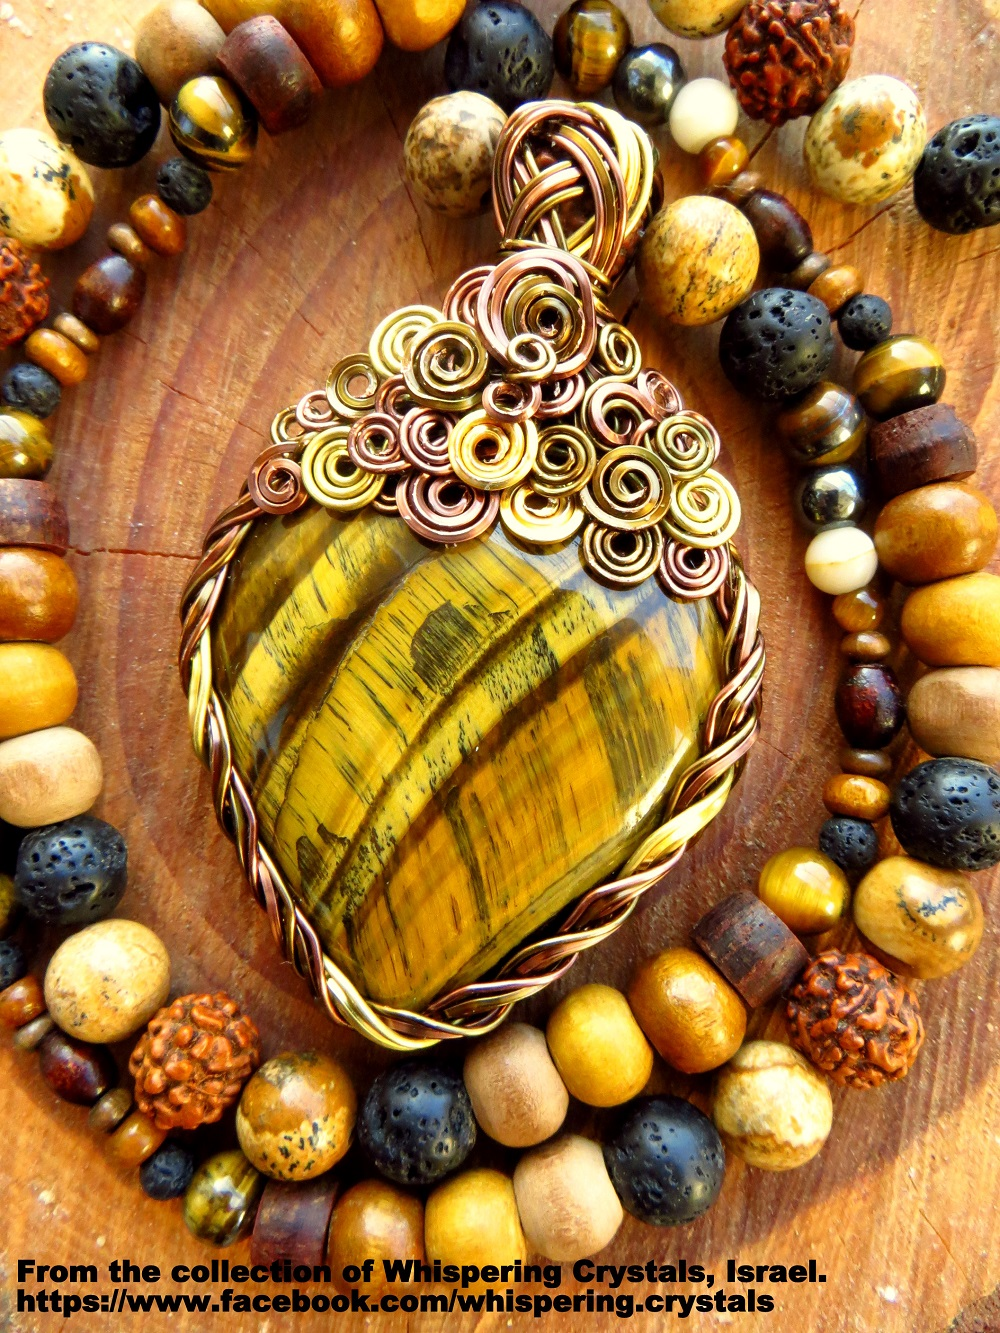 שרשרת של טייגר איי צהובה משובצת בנחושת. מהאוסף של 'וויספרינג קריסטלס' www.facebook.com/whispering.crystals